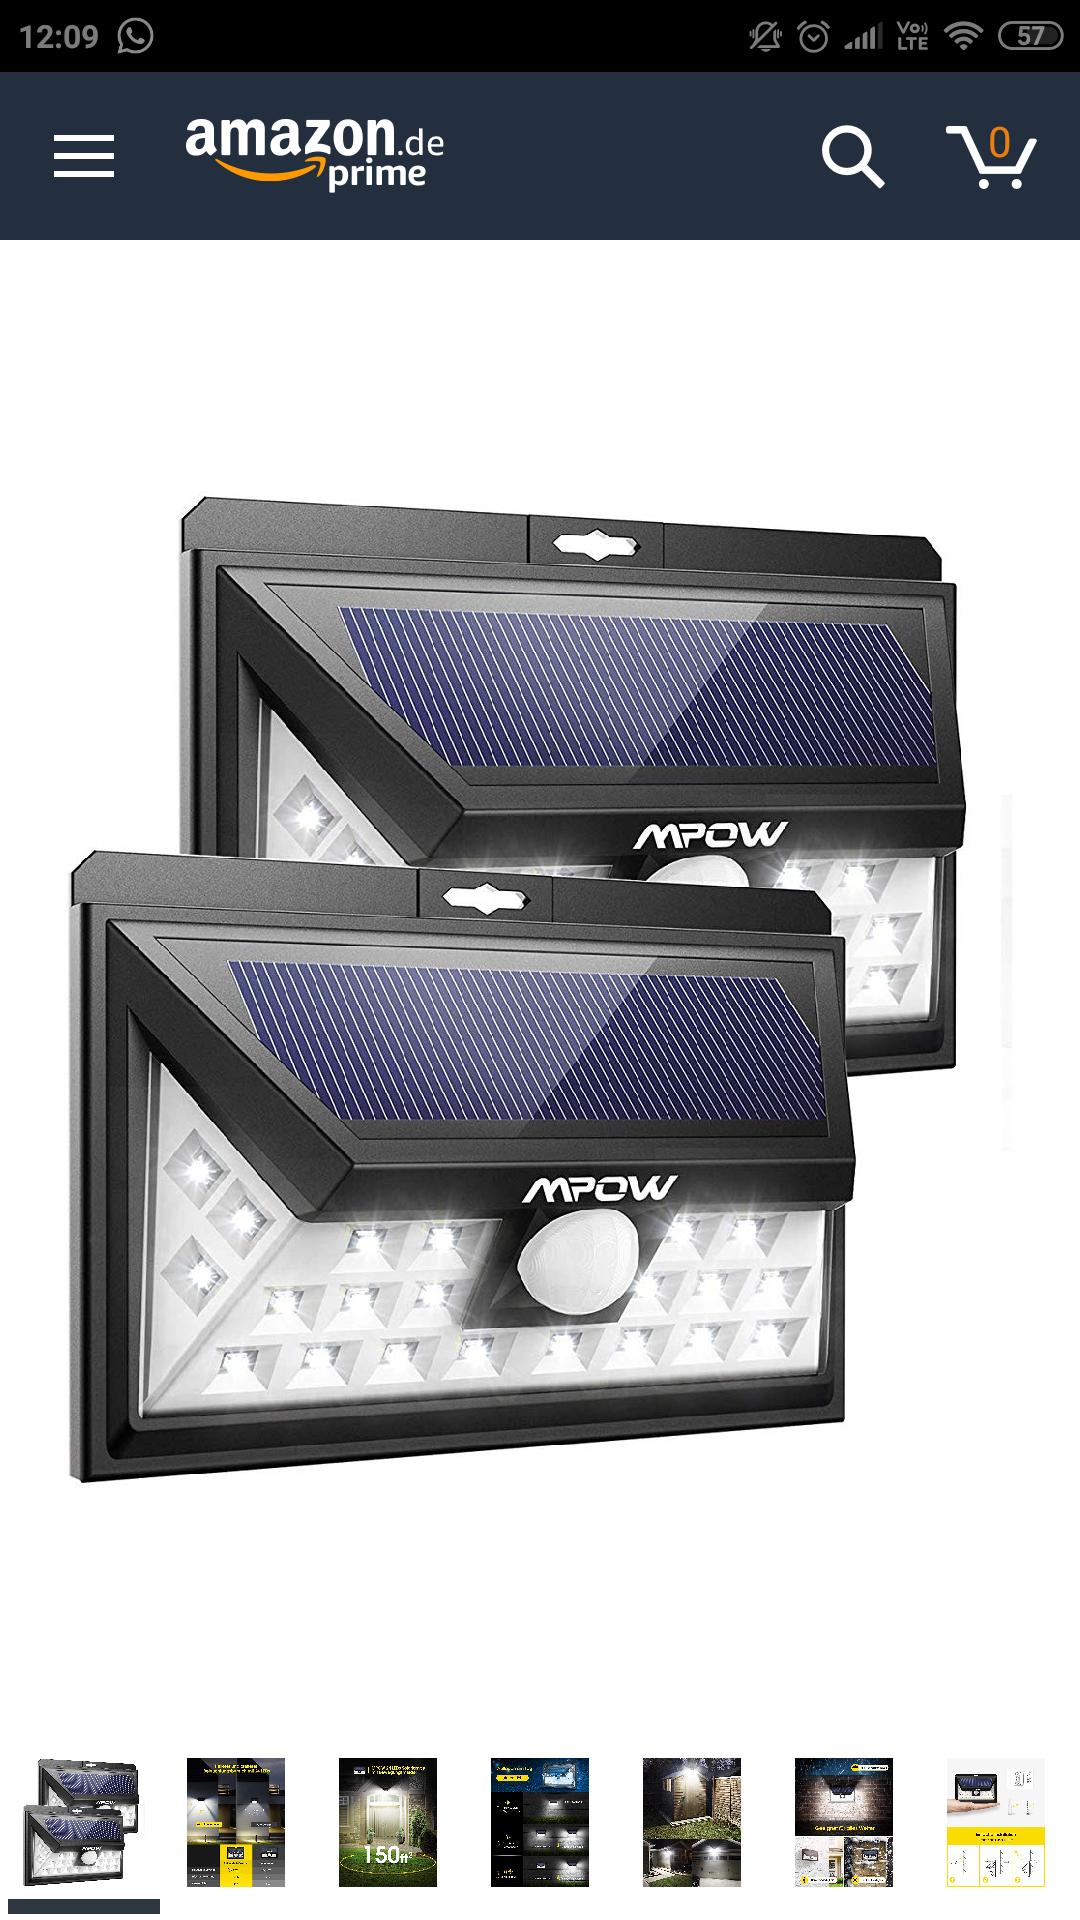 [Amazon] 2er Set Mpow 24 LED Weitwinkel Solaraußenleuchte mit 3 Modi und IP65